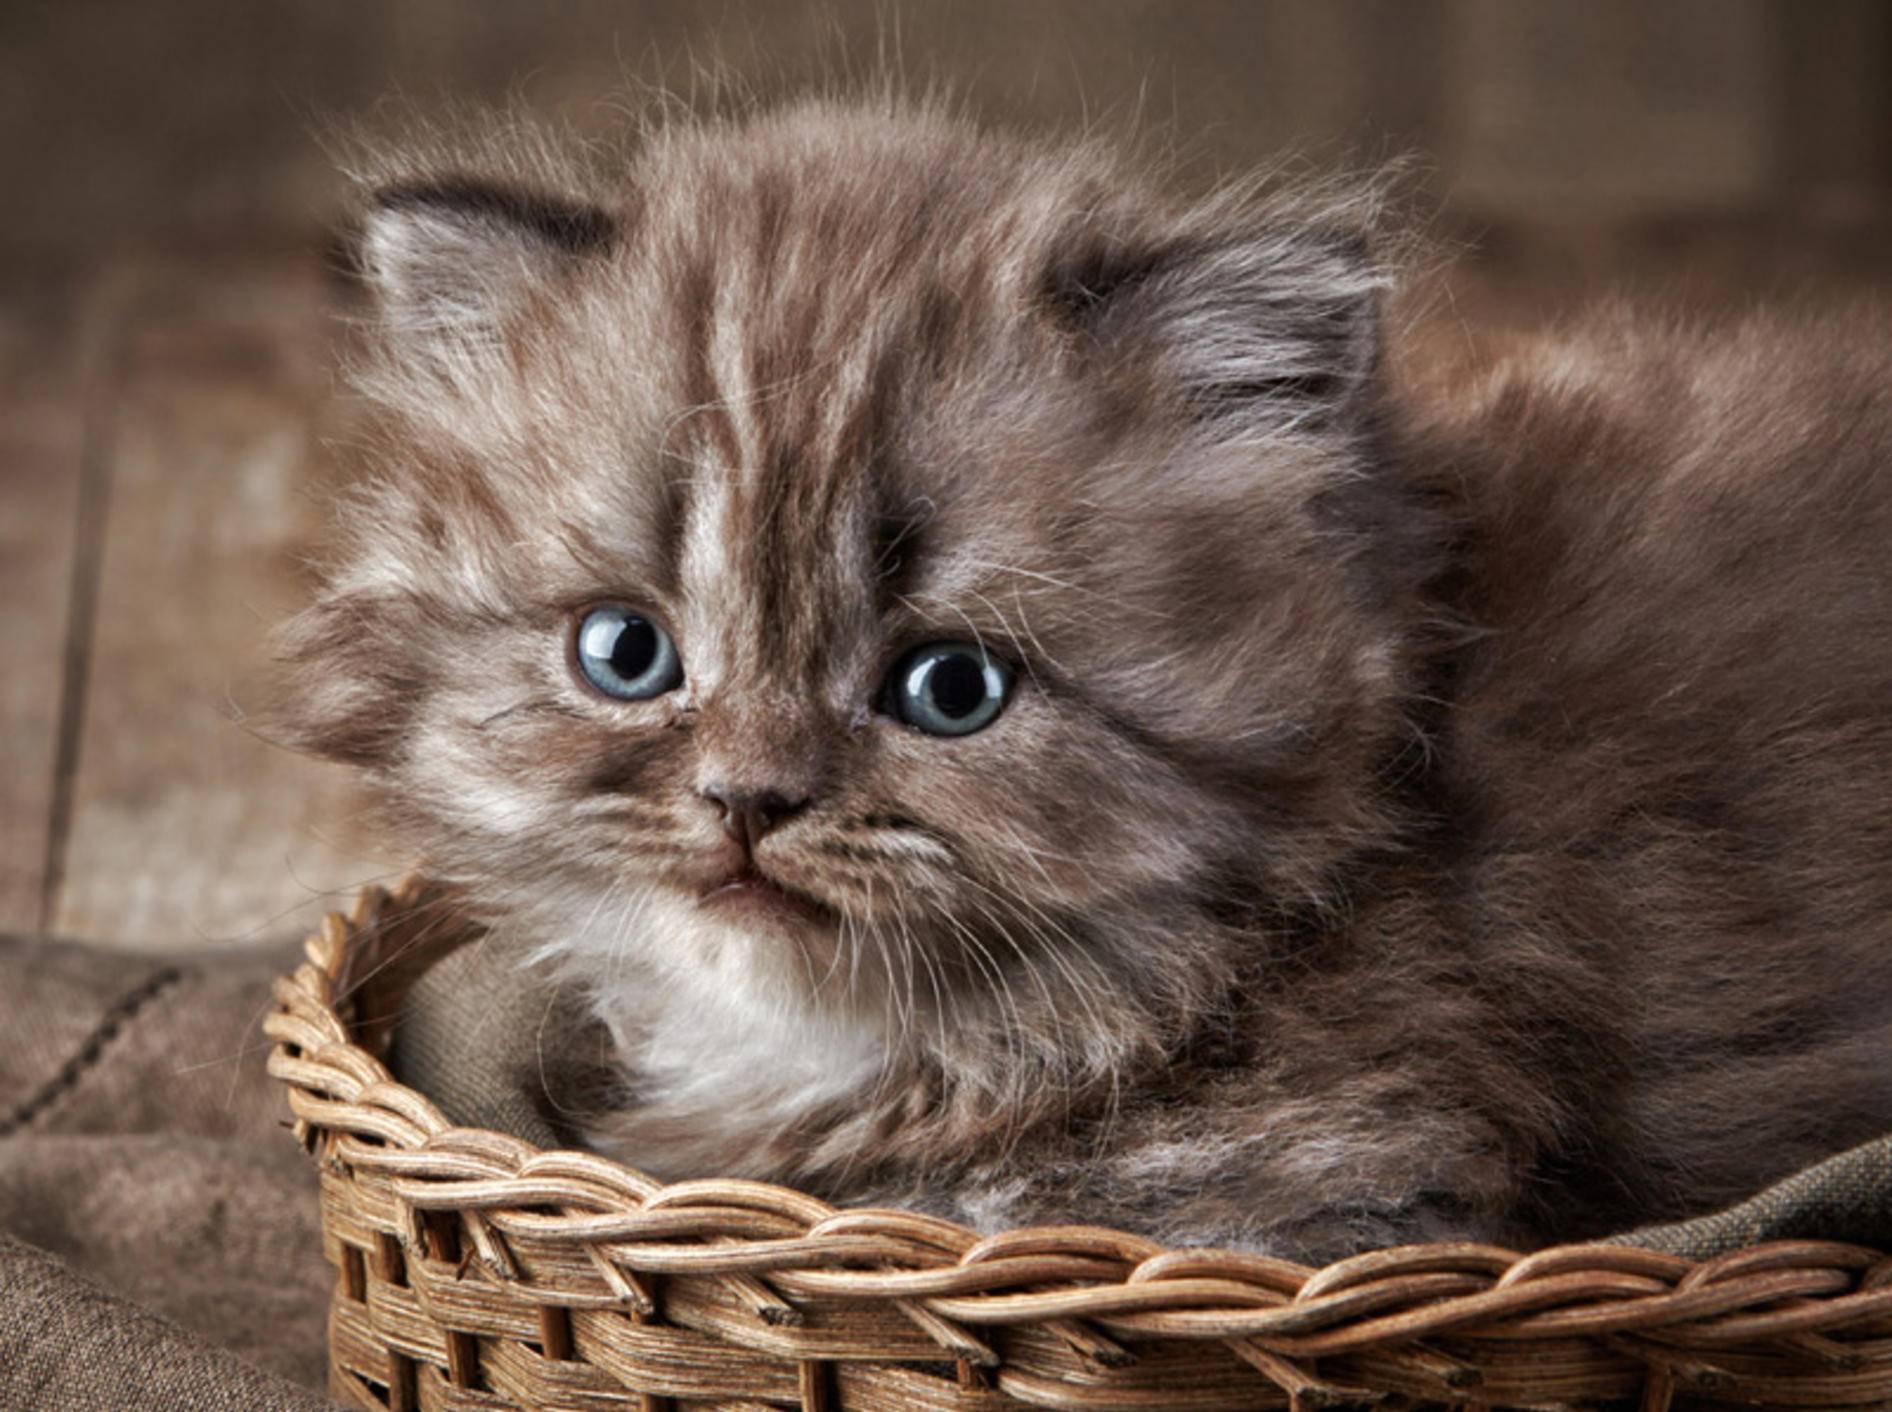 Wer könnte den Augen dieses süßen Britisch-Kurzhaar-Kittens widerstehen? – Bild: Shutterstock / MaraZe